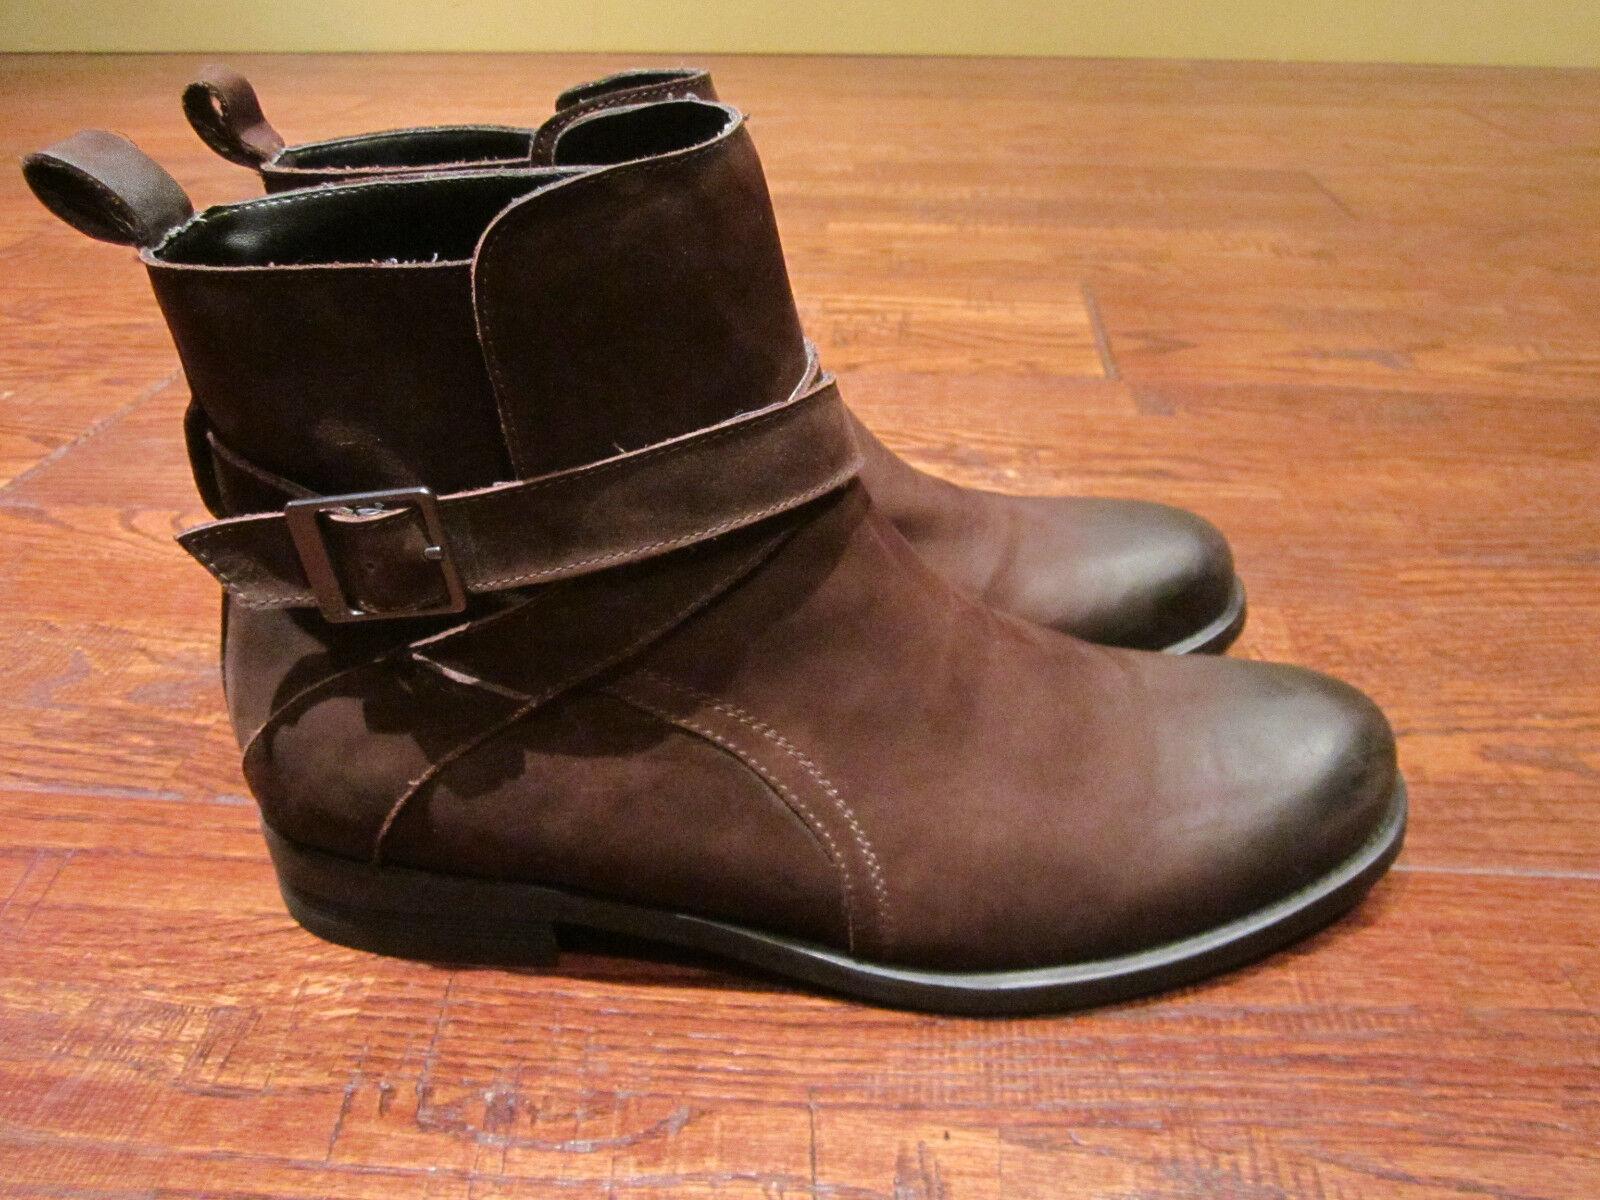 Para Hombres Zapatos Kenneth Cole Reaction Hit Hombres botas de cuero envejecido marrón